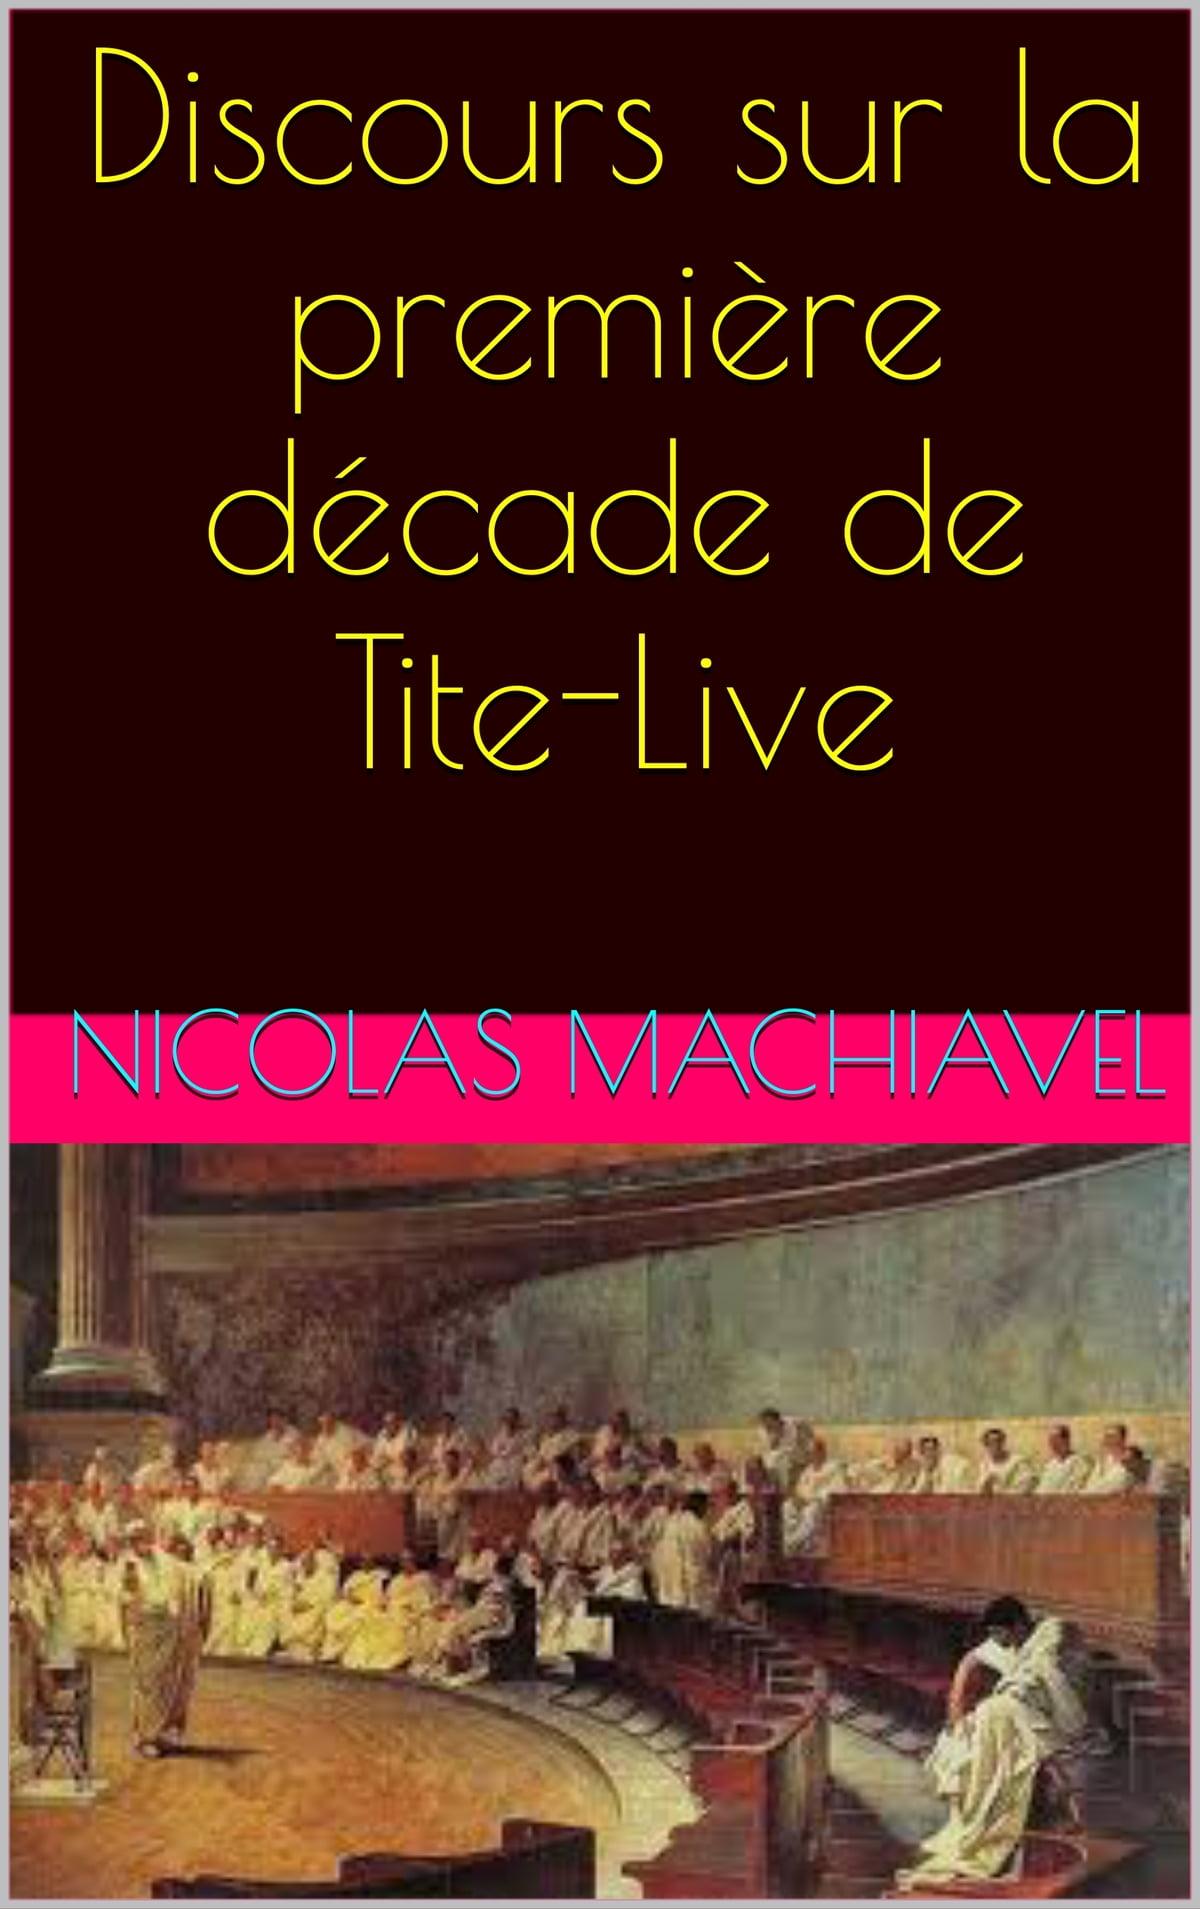 Discours Sur La Première Décade De Tite-live : discours, première, décade, tite-live, Discours, Première, Décade, Tite-Live, EBook, Nicolas, Machiavel, 1230001350937, Rakuten, United, States